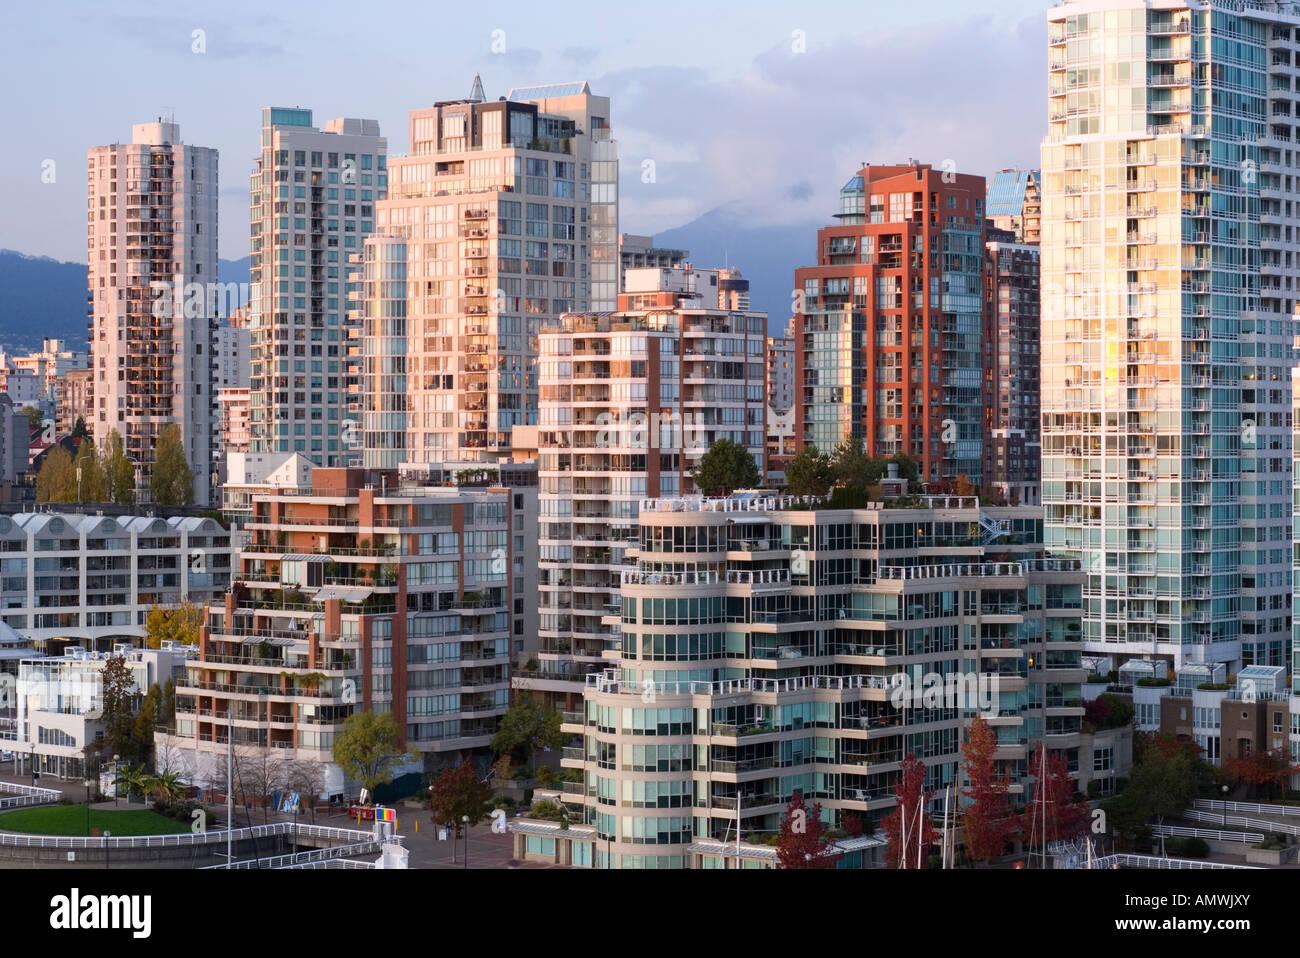 Die Skyline der Innenstadt am False Creek in der Nähe von Vancouver British Columbia Kanada 2007 Stockbild